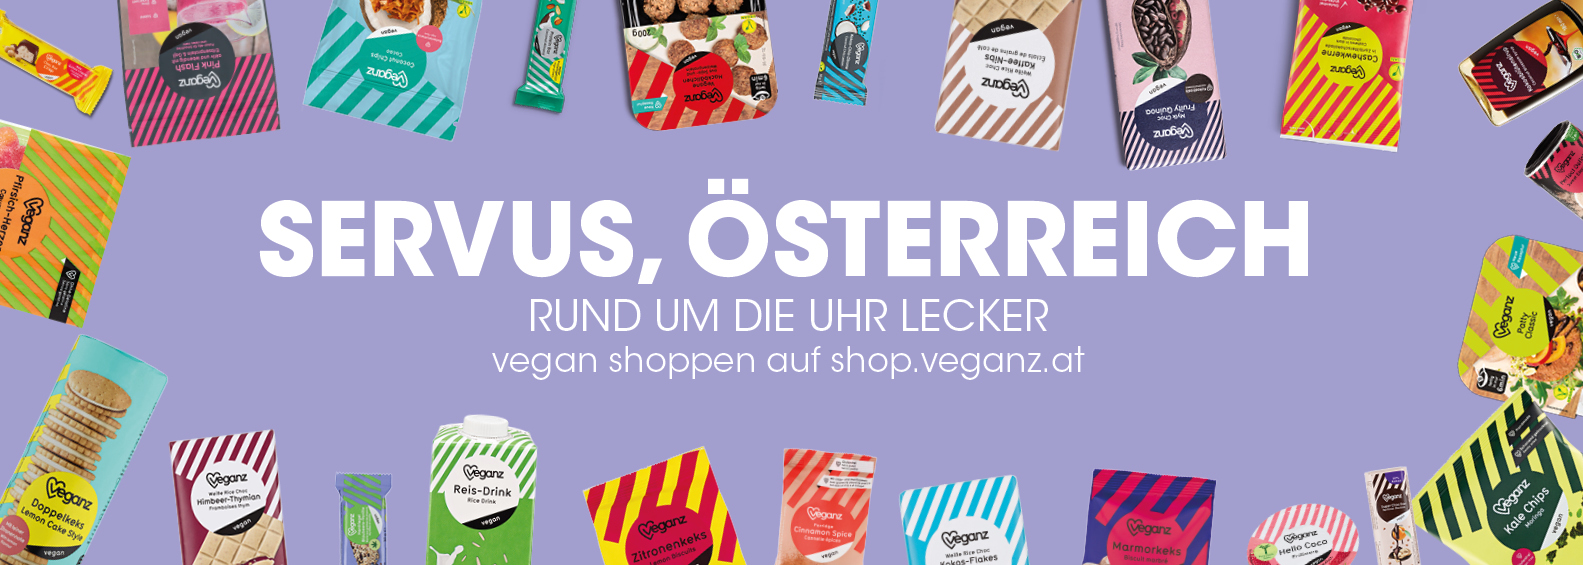 Vegan online shoppen in Österreich mit Veganz. Servus Österreich - Rund um die Uhr lecker mit dem Veganz Onlineshop